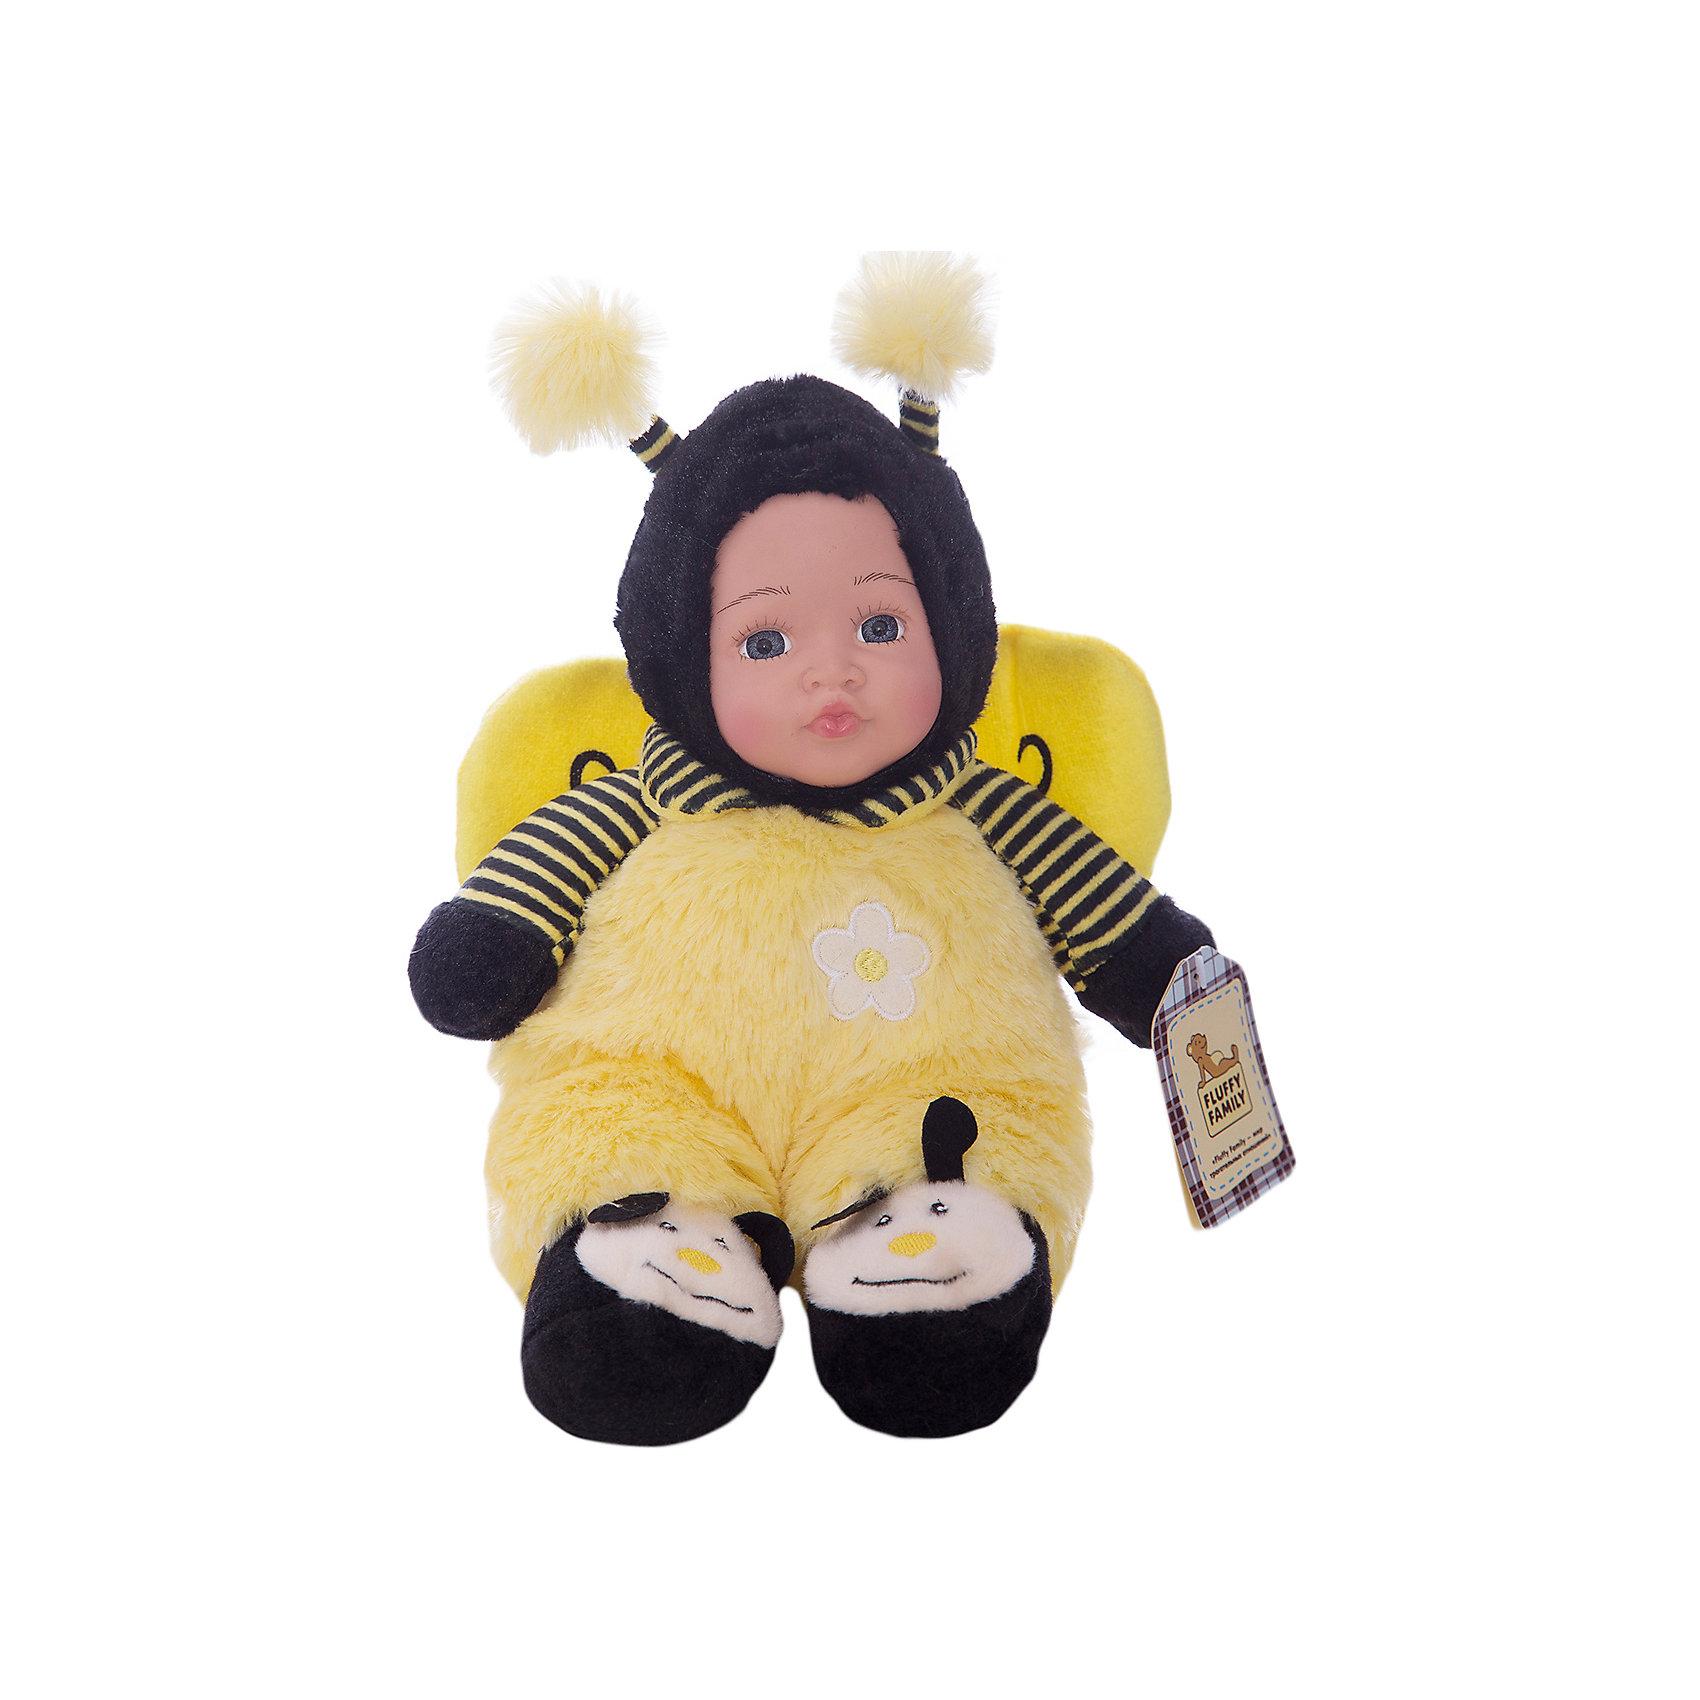 Игрушка Мой пчеленок, Fluffy FamilyТакая игрушка - милая вариация стандартной куклы–младенца. Малыш выполнен из пластика и тщательно прорисованным личиком. Одета кукла в костюм совенка. Ткань приятна на ощупь и малышу понравится играть с куклой. Игрушка подходит для одиночной игры малыша и для игр в компании. Не содержит мелких деталей. Кукла из коллекционной серии. Соберите весь набор! Материалы, использованные при изготовлении товара, абсолютно безопасны и отвечают всем международным требованиям по качеству.<br><br>Дополнительные характеристики:<br><br>материал: ПВХ, искусственный мех, пластик;<br>габариты: 20 X 9 X 30 см;<br>наполнитель: полиэтиленовые гранулы.<br><br>Игрушку Мой пчеленок от компании Fluffy Family можно приобрести в нашем магазине.<br><br>Ширина мм: 570<br>Глубина мм: 580<br>Высота мм: 450<br>Вес г: 163<br>Возраст от месяцев: 36<br>Возраст до месяцев: 96<br>Пол: Унисекс<br>Возраст: Детский<br>SKU: 5032467